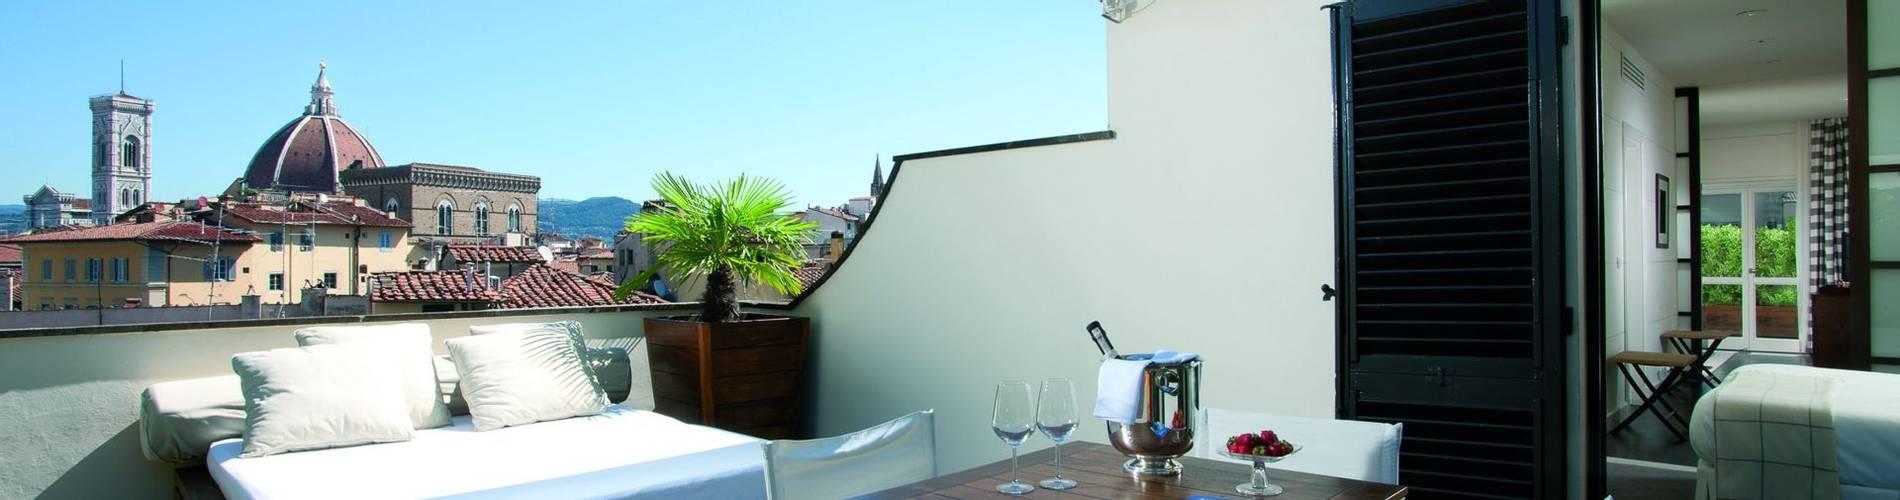 Gallery Art Hotel, Tuscany, Italy, Penthouse Palazzo Vecchio (4).JPG